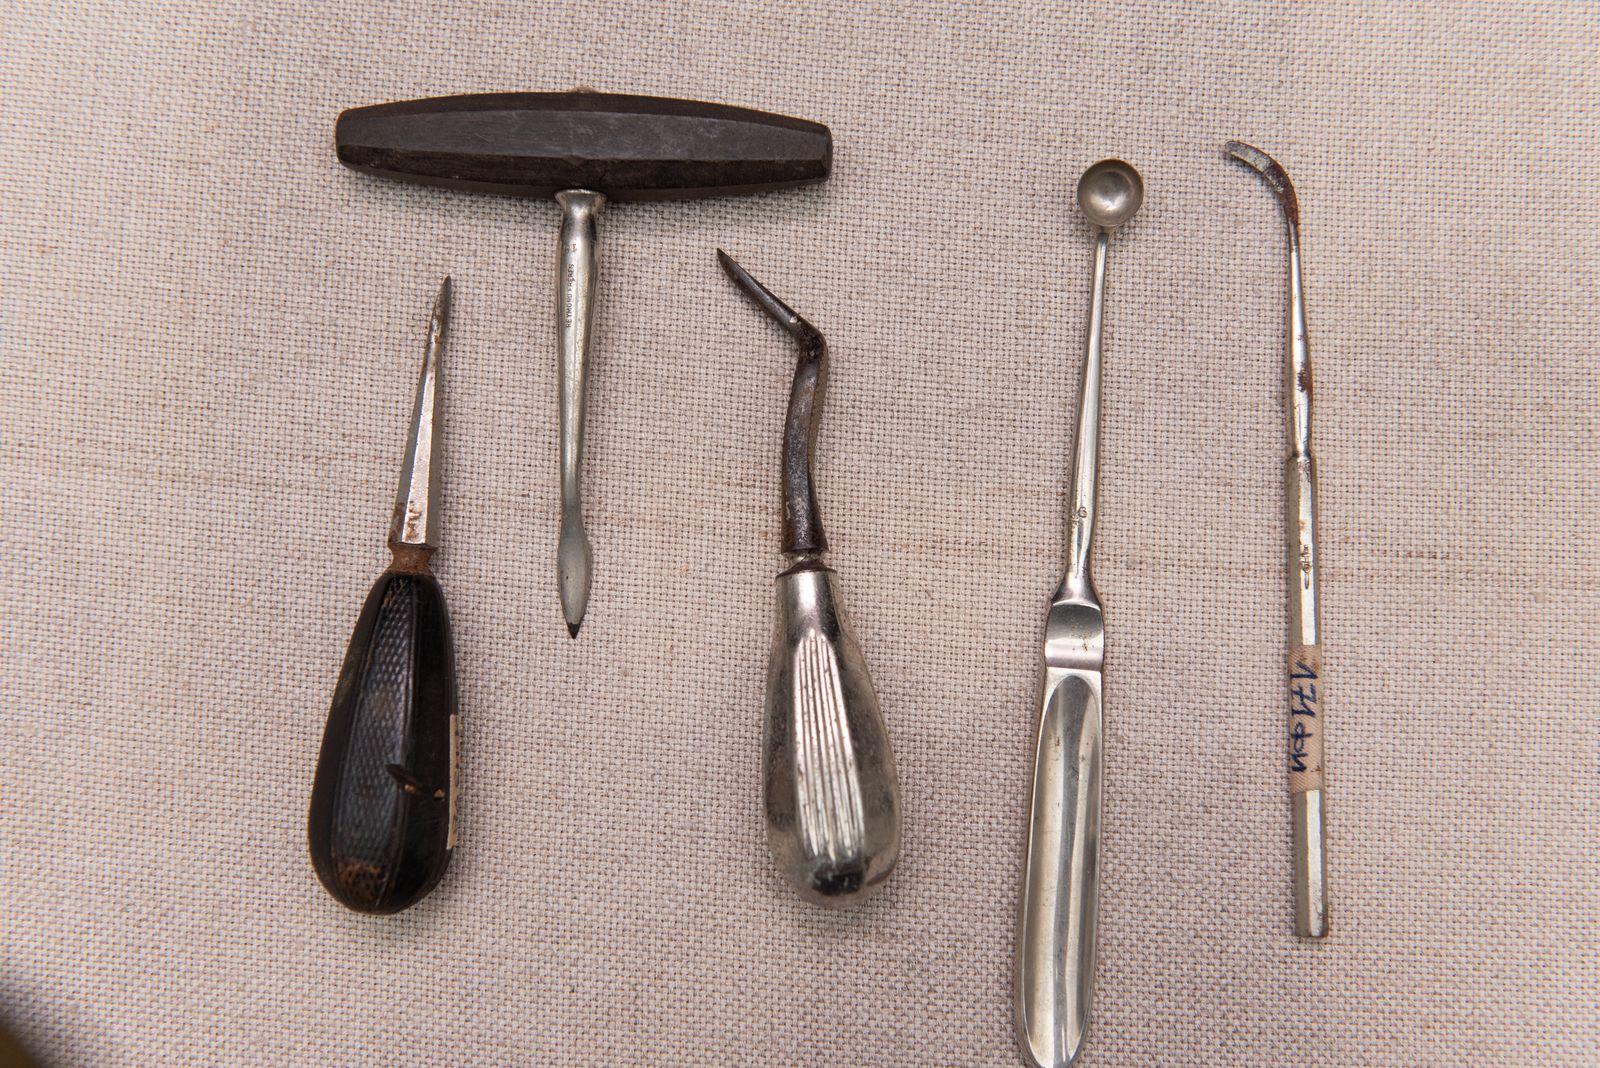 Muzei94_ Медицински инструменти от първата половина на 20-ти век - зъболекарски лостове, скалпел